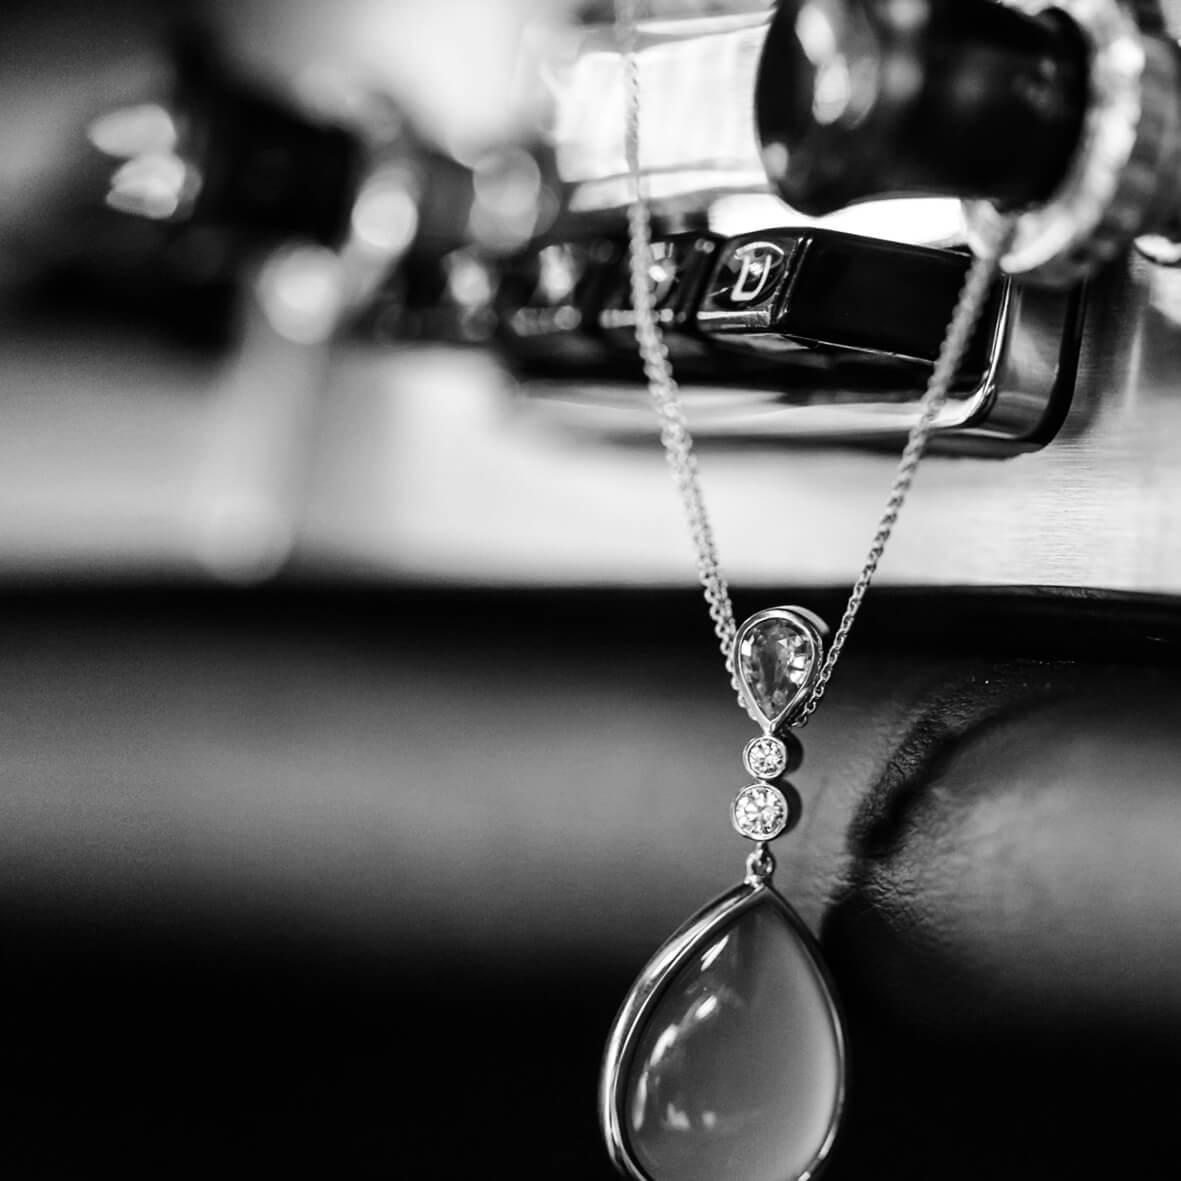 Oldtimer und Kette mit Edelsteinen - Juwelier Krebber Hauskatalog 2017